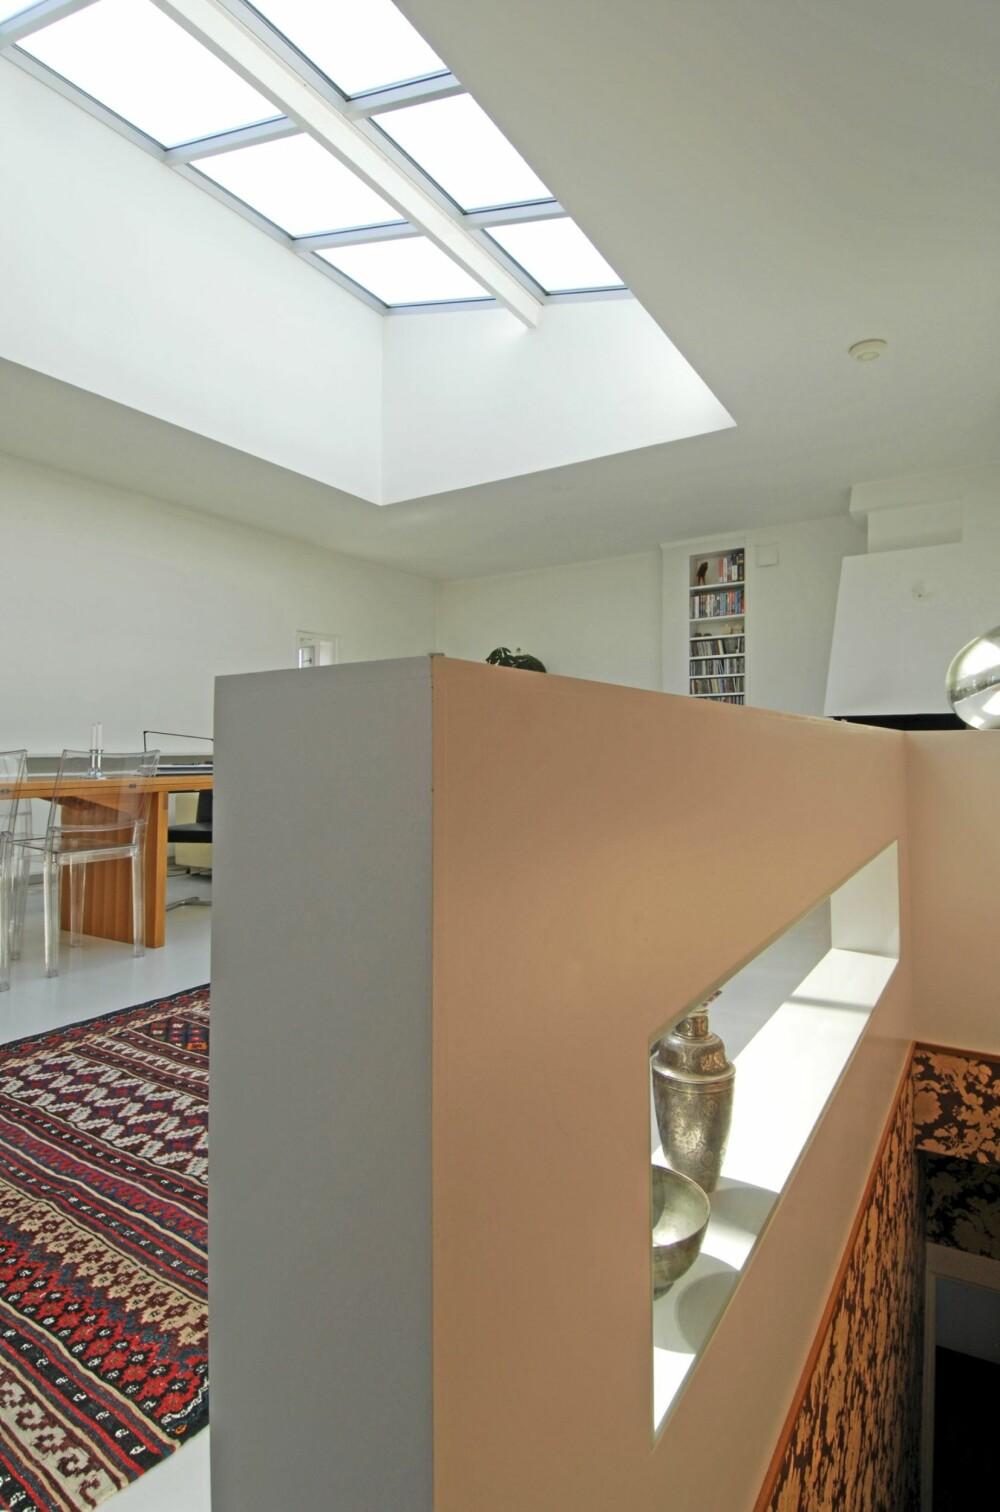 MAGISK SONE: Overlyset skaper gode lysforhold i rommet. Det røde kelimteppet fra Ikea demper trinnlyd og annen støy i rommet. Romdeler tegnet av Camilla Luihn.